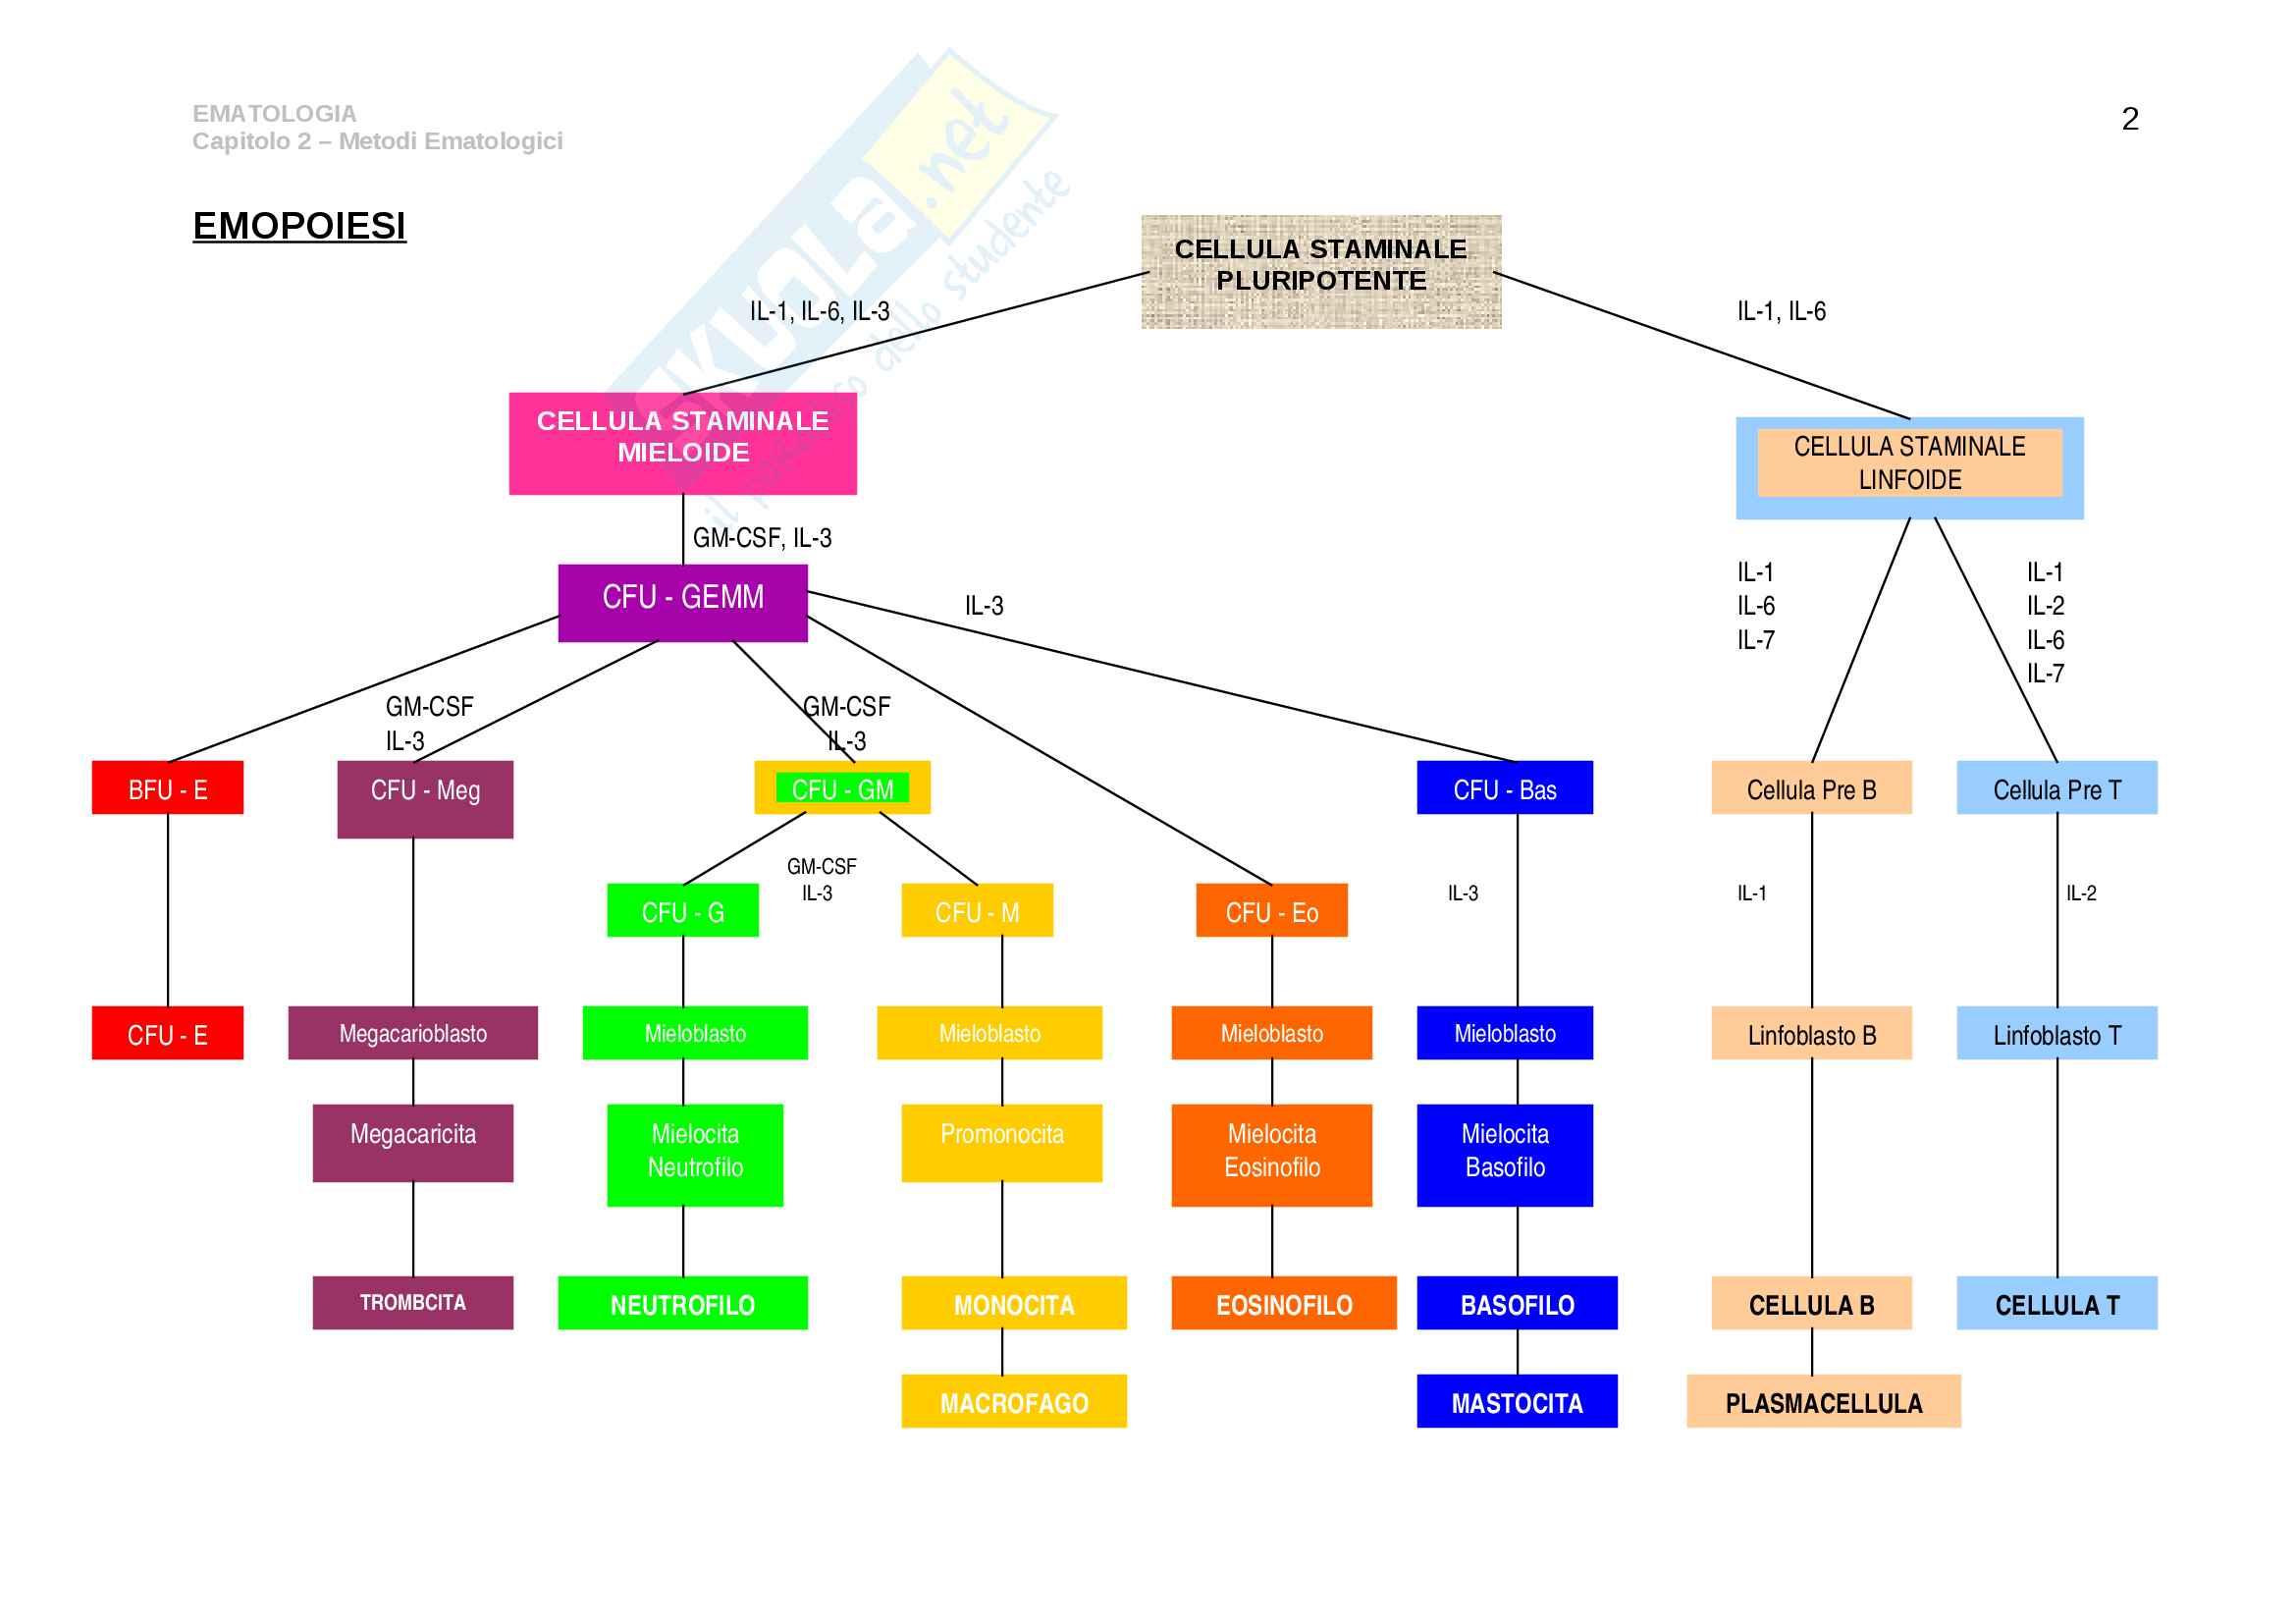 Esame emocromocitometrico Pag. 2